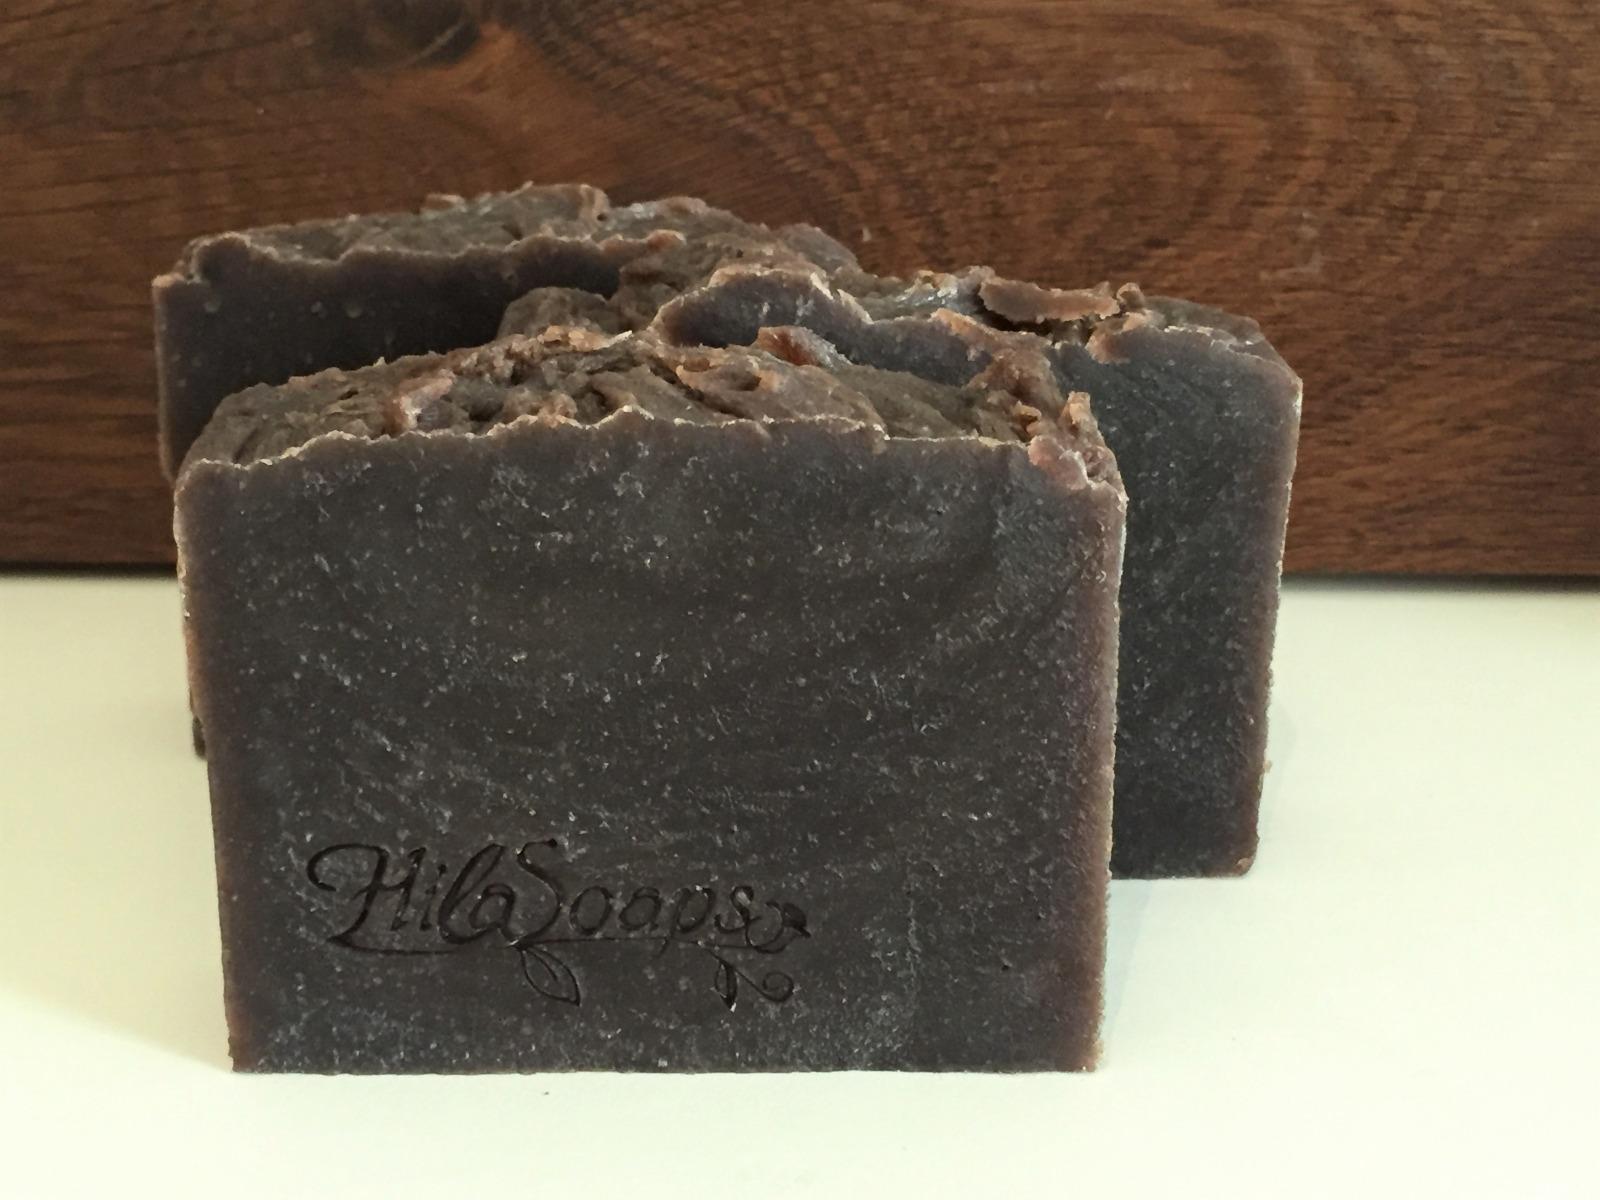 (ה) שמפו מוצק מולסה וקפה בניחוח למון גראס, הילה סבונים - 110-120 גרם